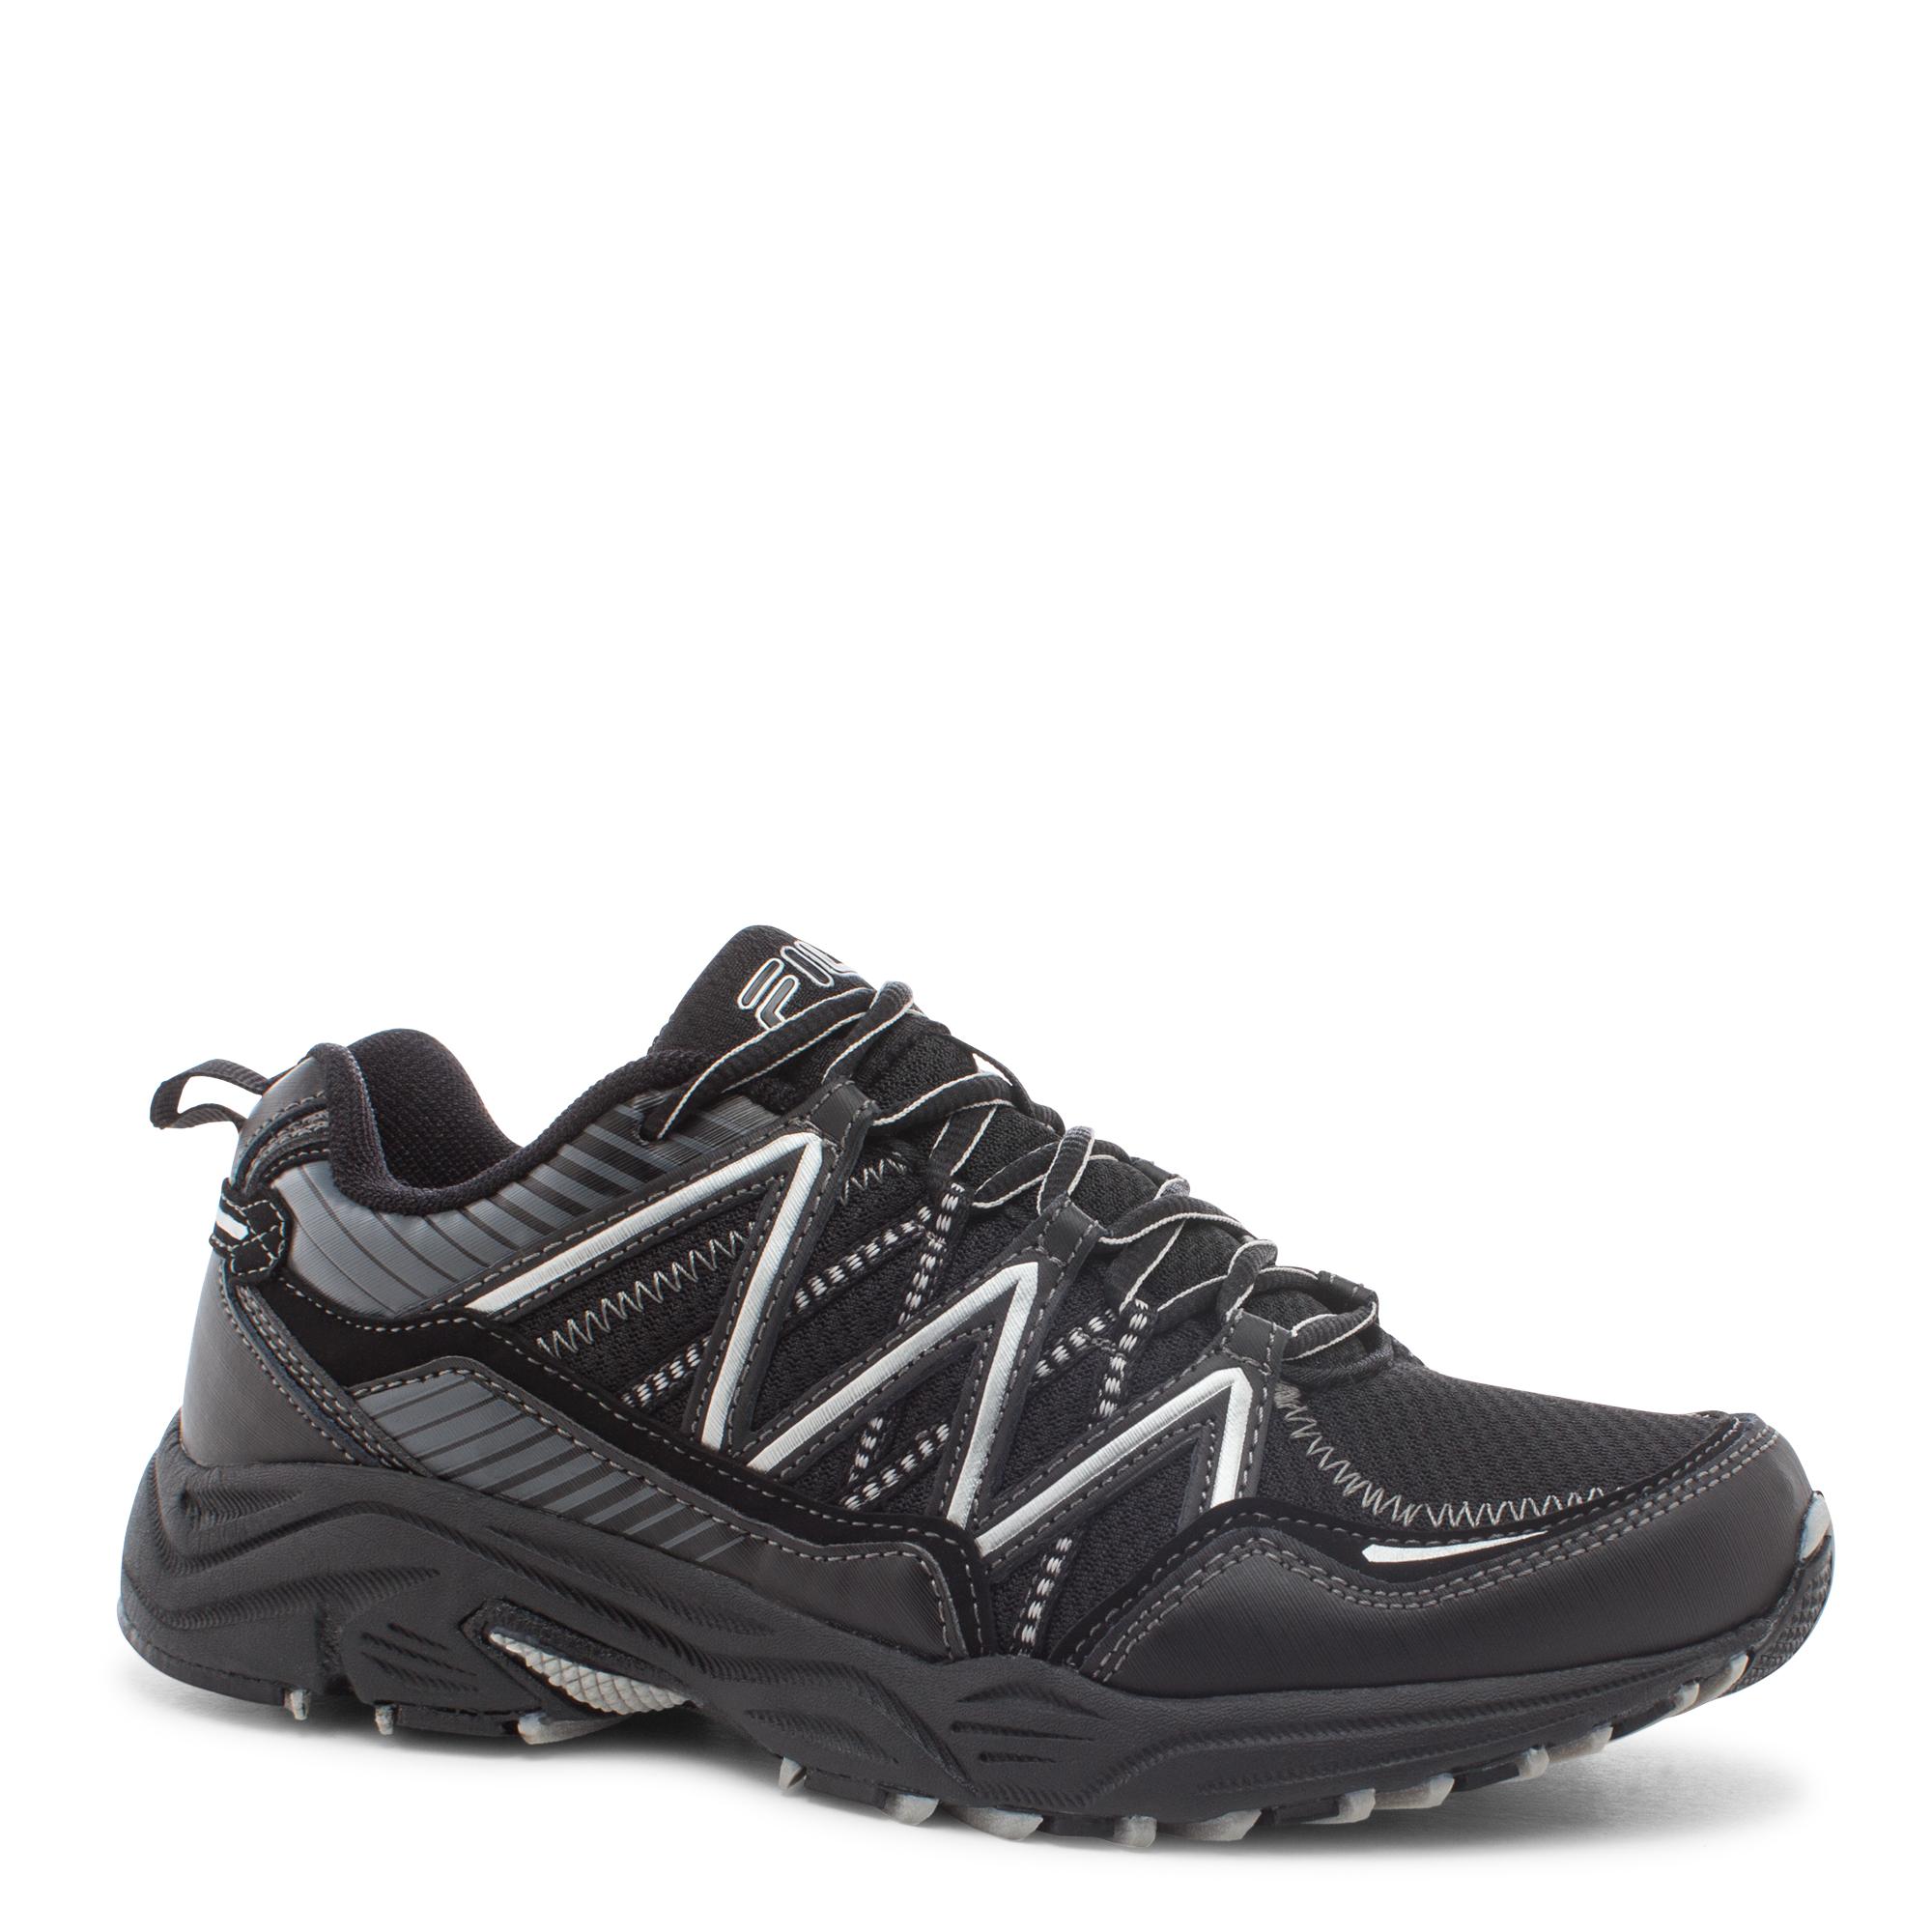 Fila-Men-039-s-Headway-6-Trail-Shoe